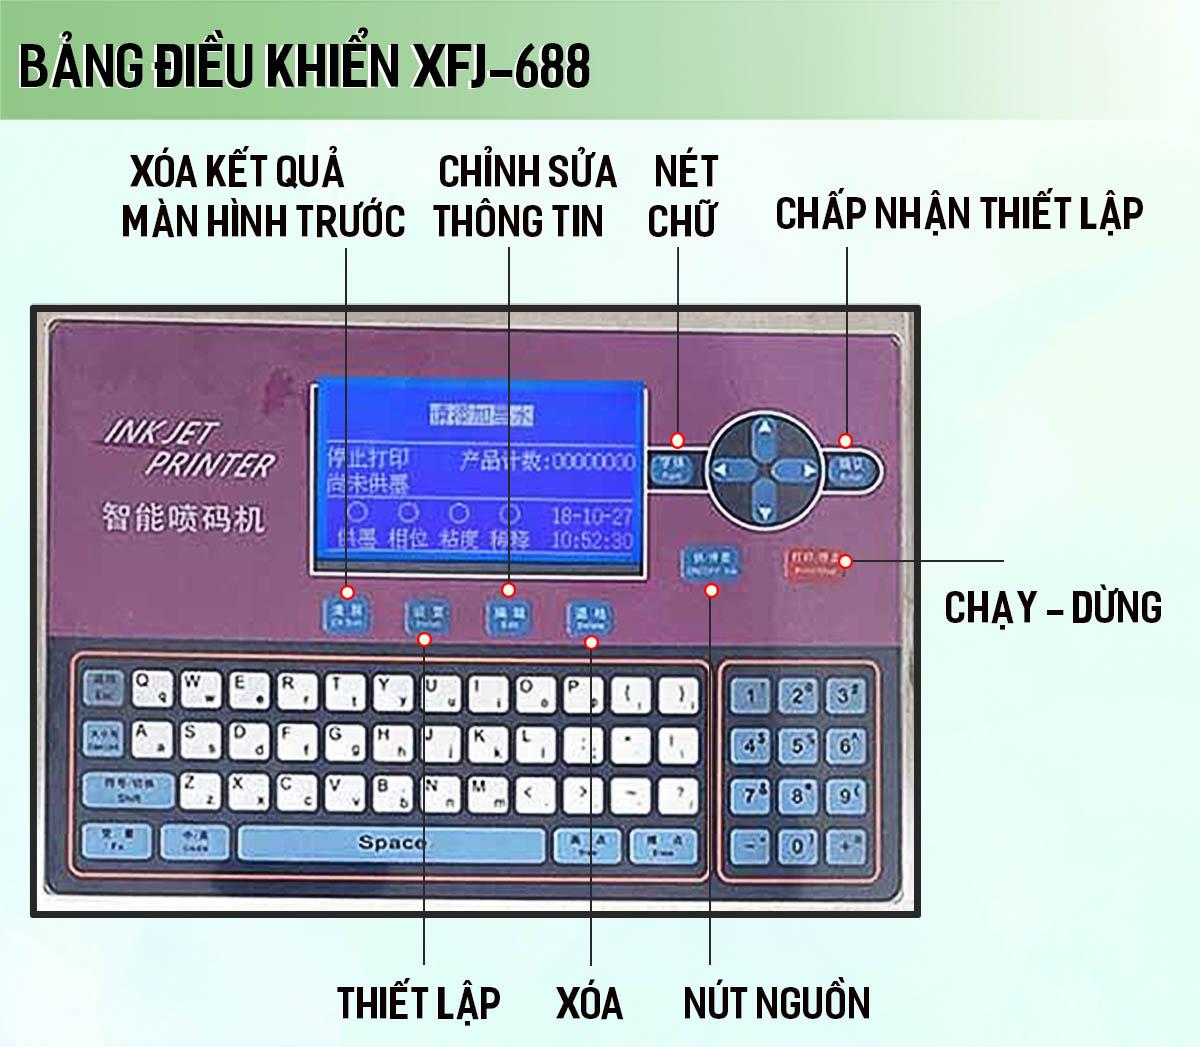 Bảng điều khiển máy in phun date XFJ-688